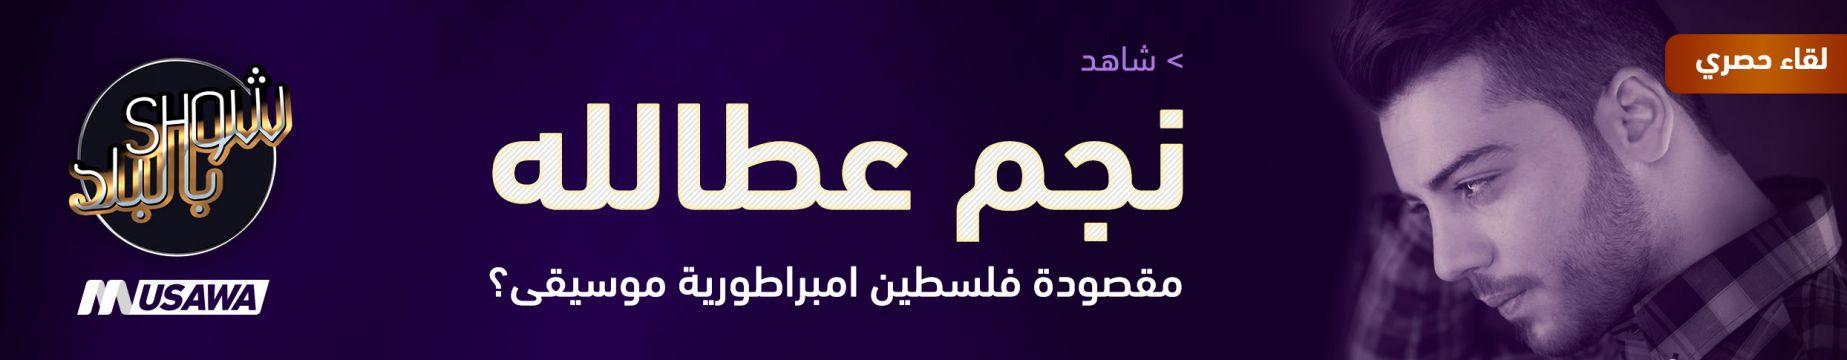 نجم عطالله لقاء حصري